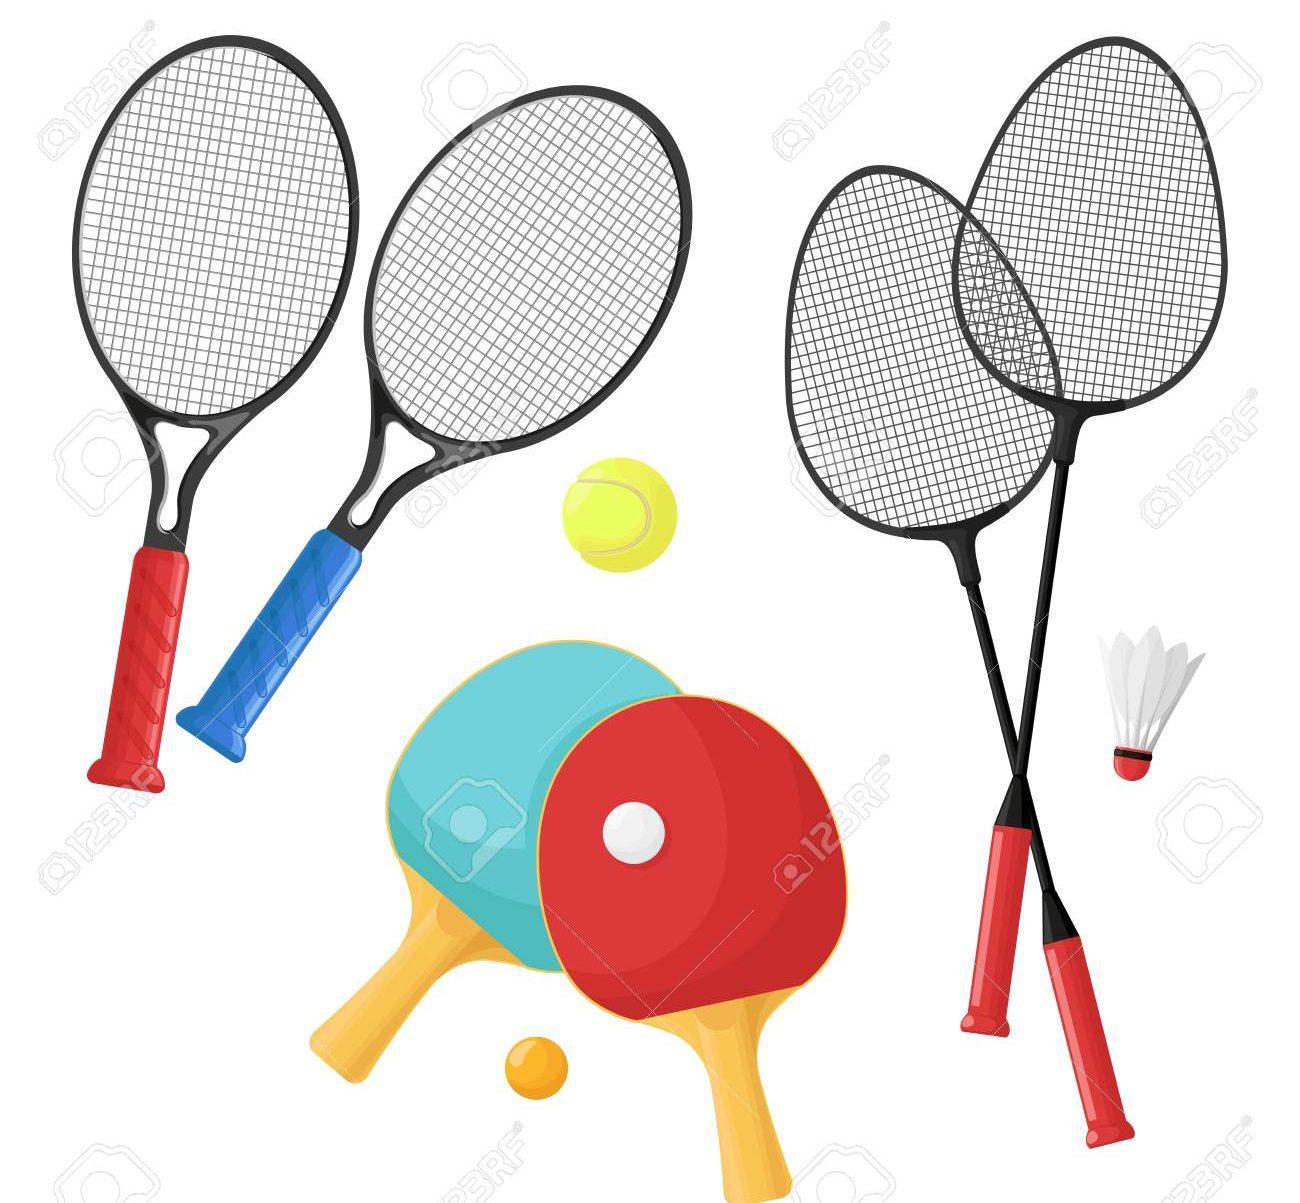 80620879-articles-de-sport-pour-tennis-badminton-et-ping-pong-raquettes-et-balles-volant-isolé-sur-fond-blanc-i.jpg